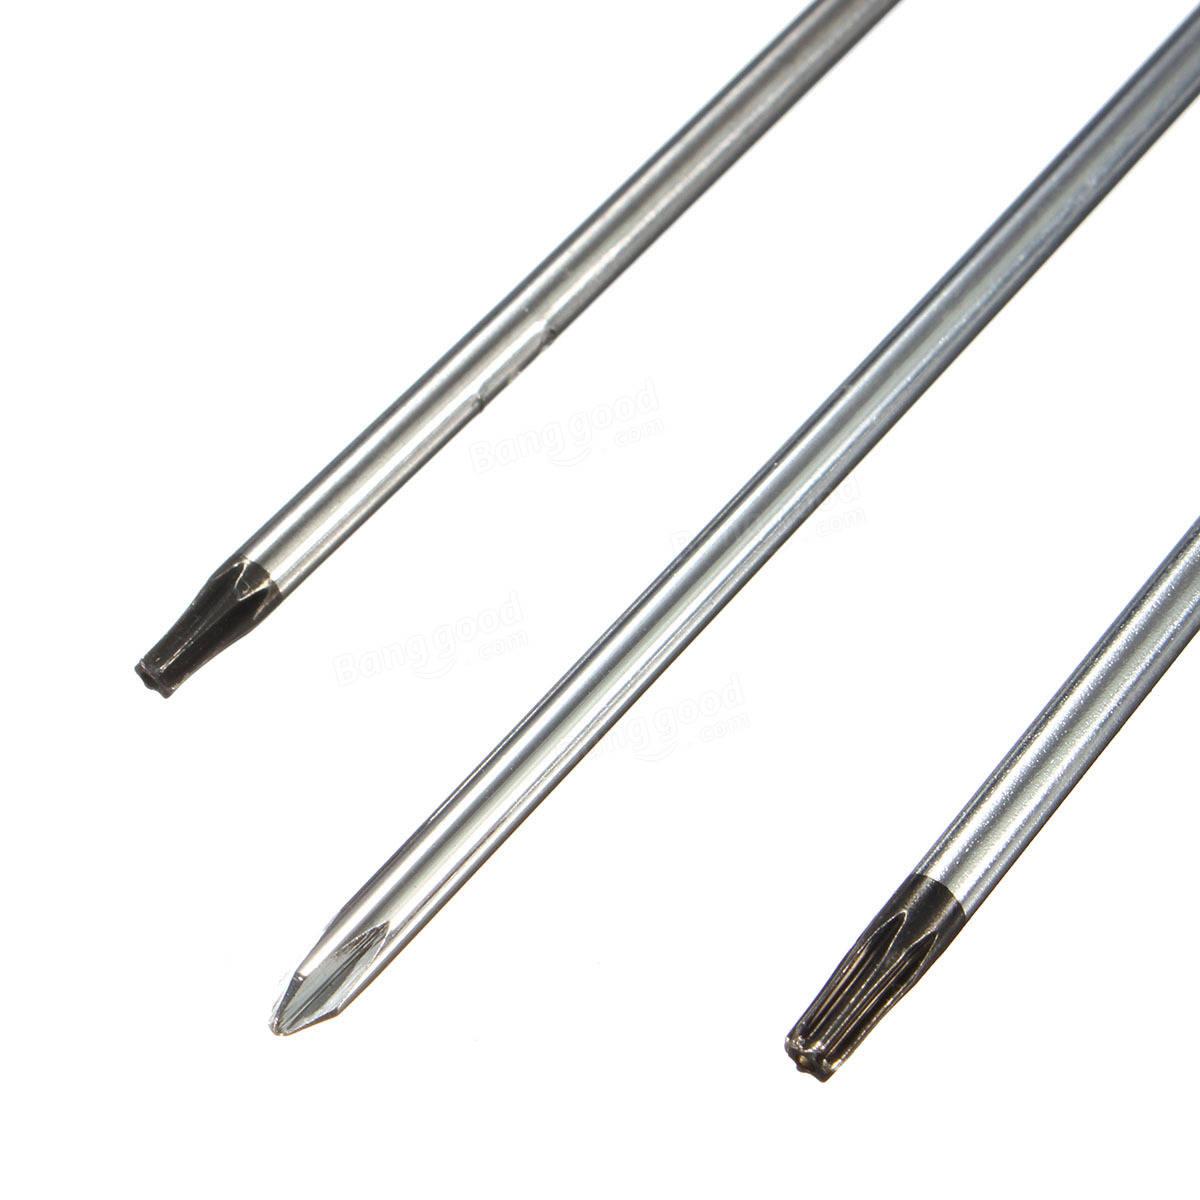 Kit de ferramentas de chave de fenda de reparação